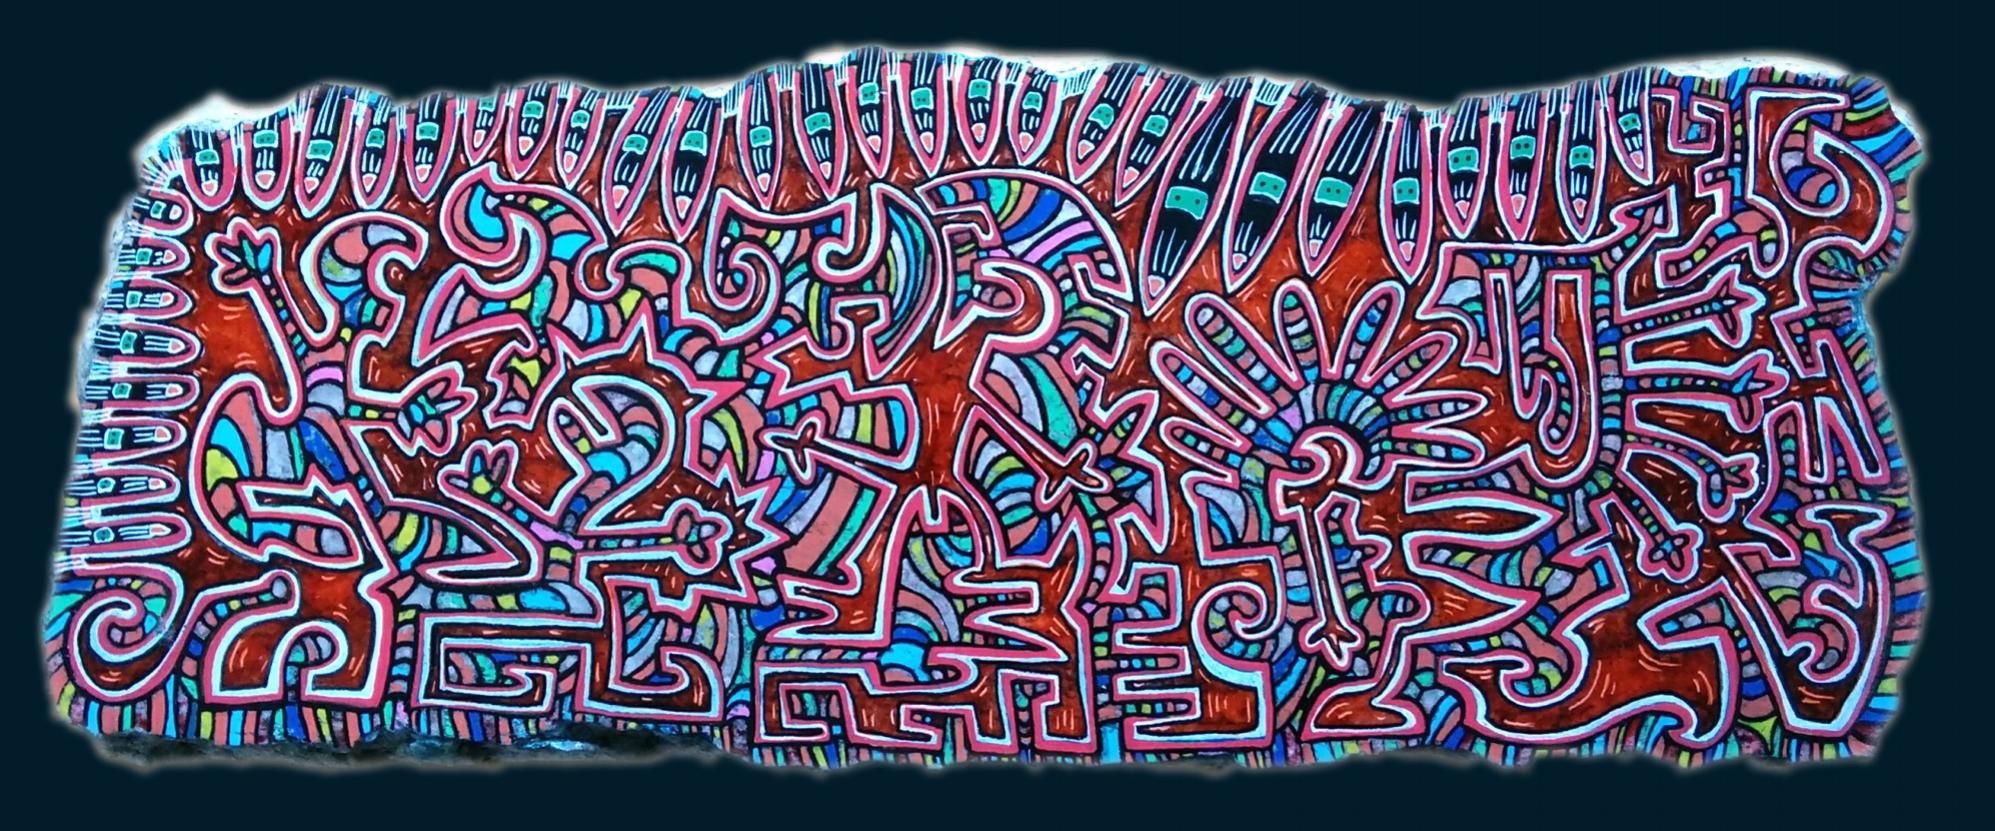 Marbre n°38/ taille : 39x15cm/ épaisseur : 3cm/ feutres acrylique/finition vernis satin/2016/ indisponible